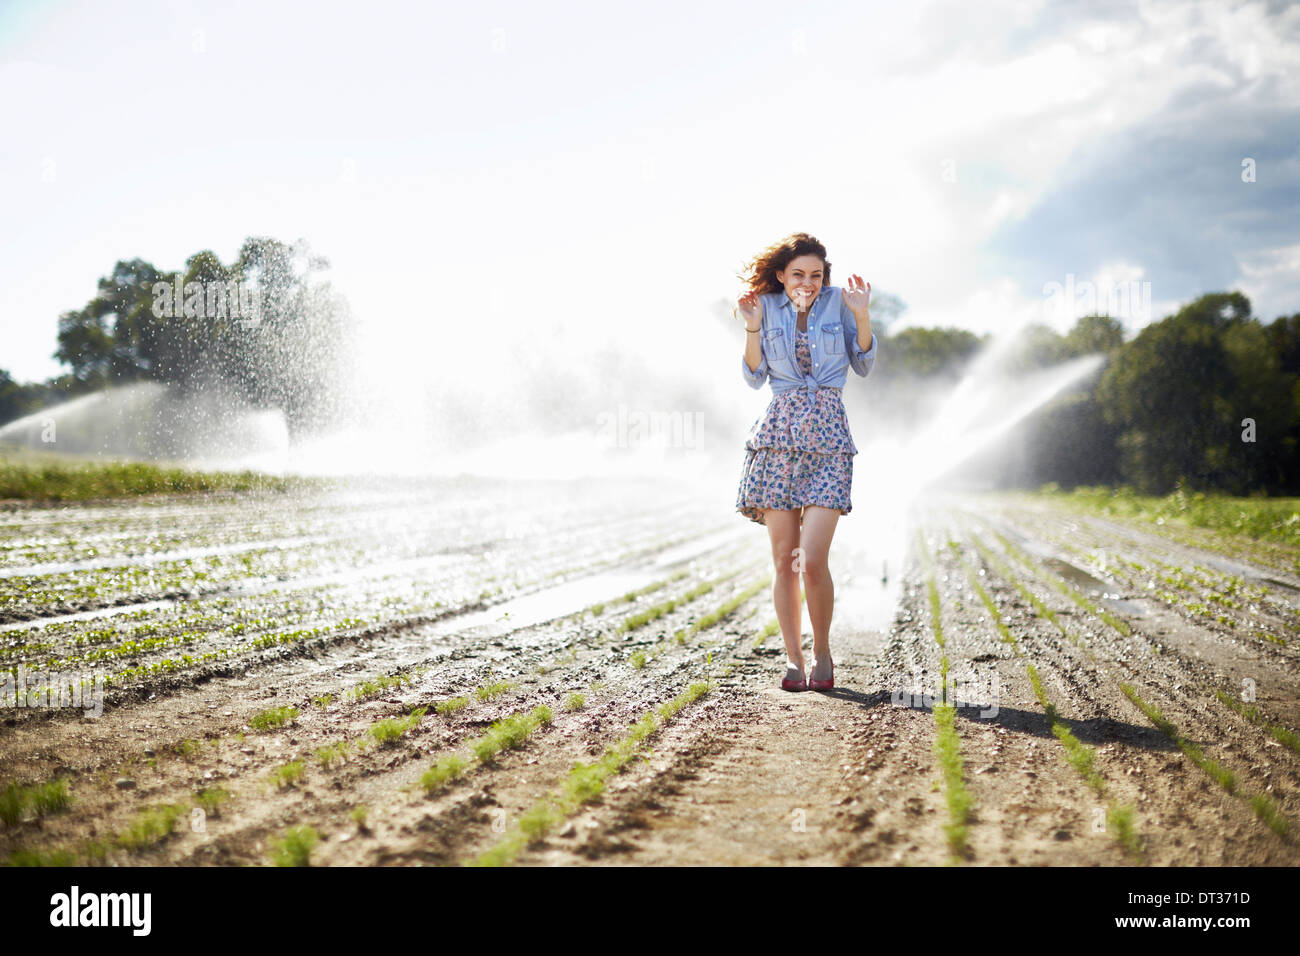 Una mujer joven de chaqueta de dril de algodón de pie en un campo los aspersores funcionando en segundo plano Imagen De Stock